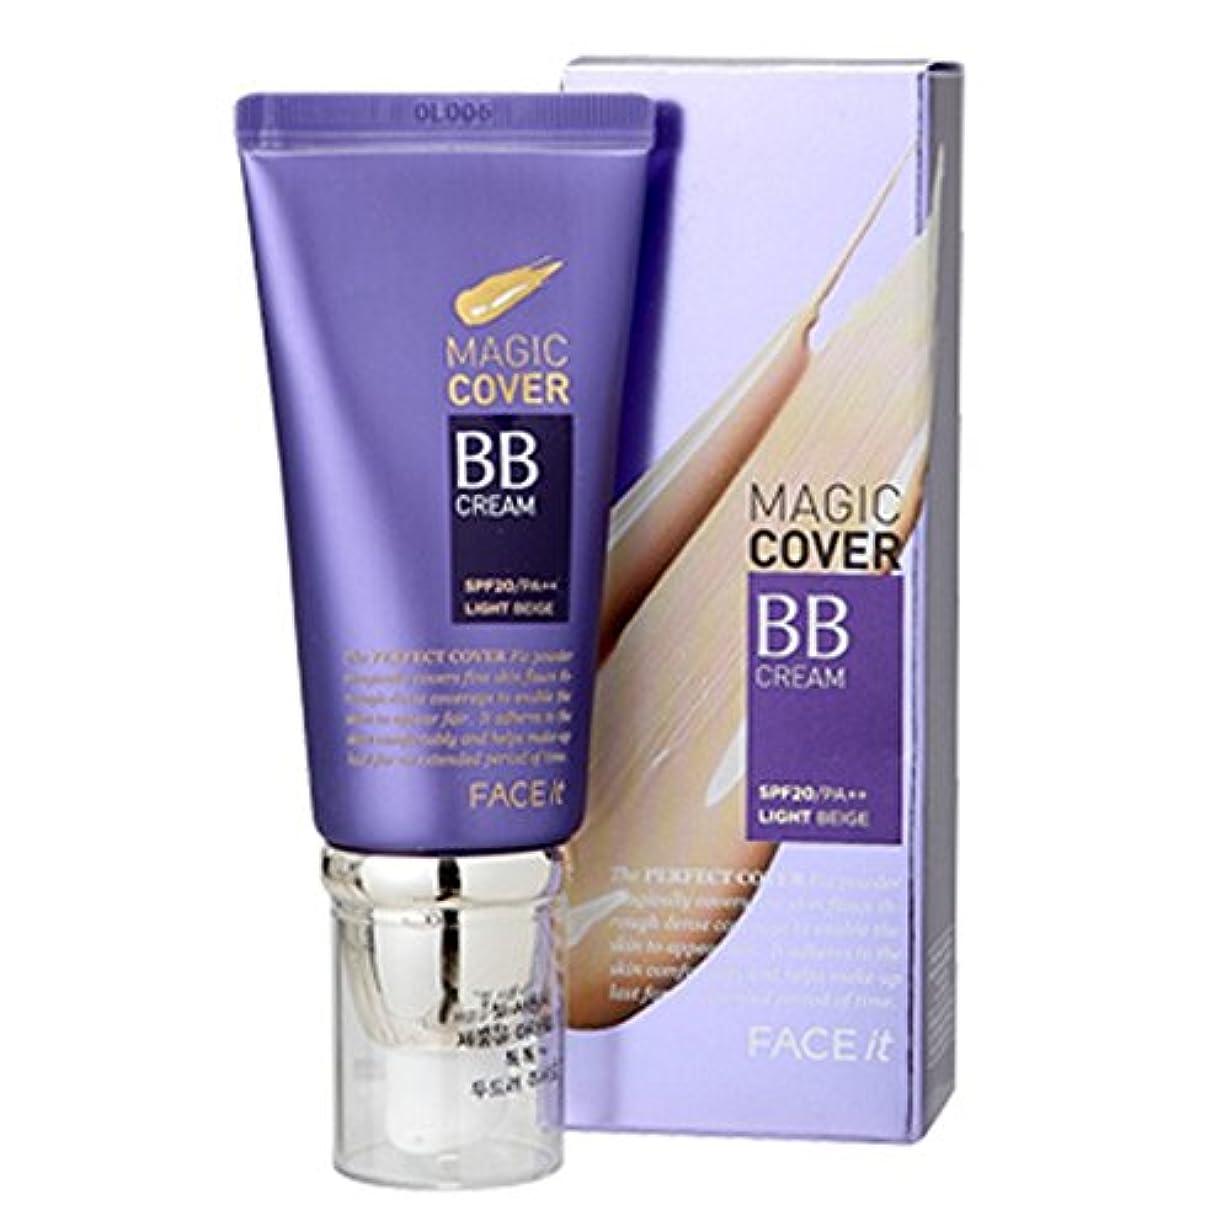 マイクロメイド着陸ザフェイスショップ The Face Shop Face It Magic Cover BB Cream 45ml (01 Light Beige)